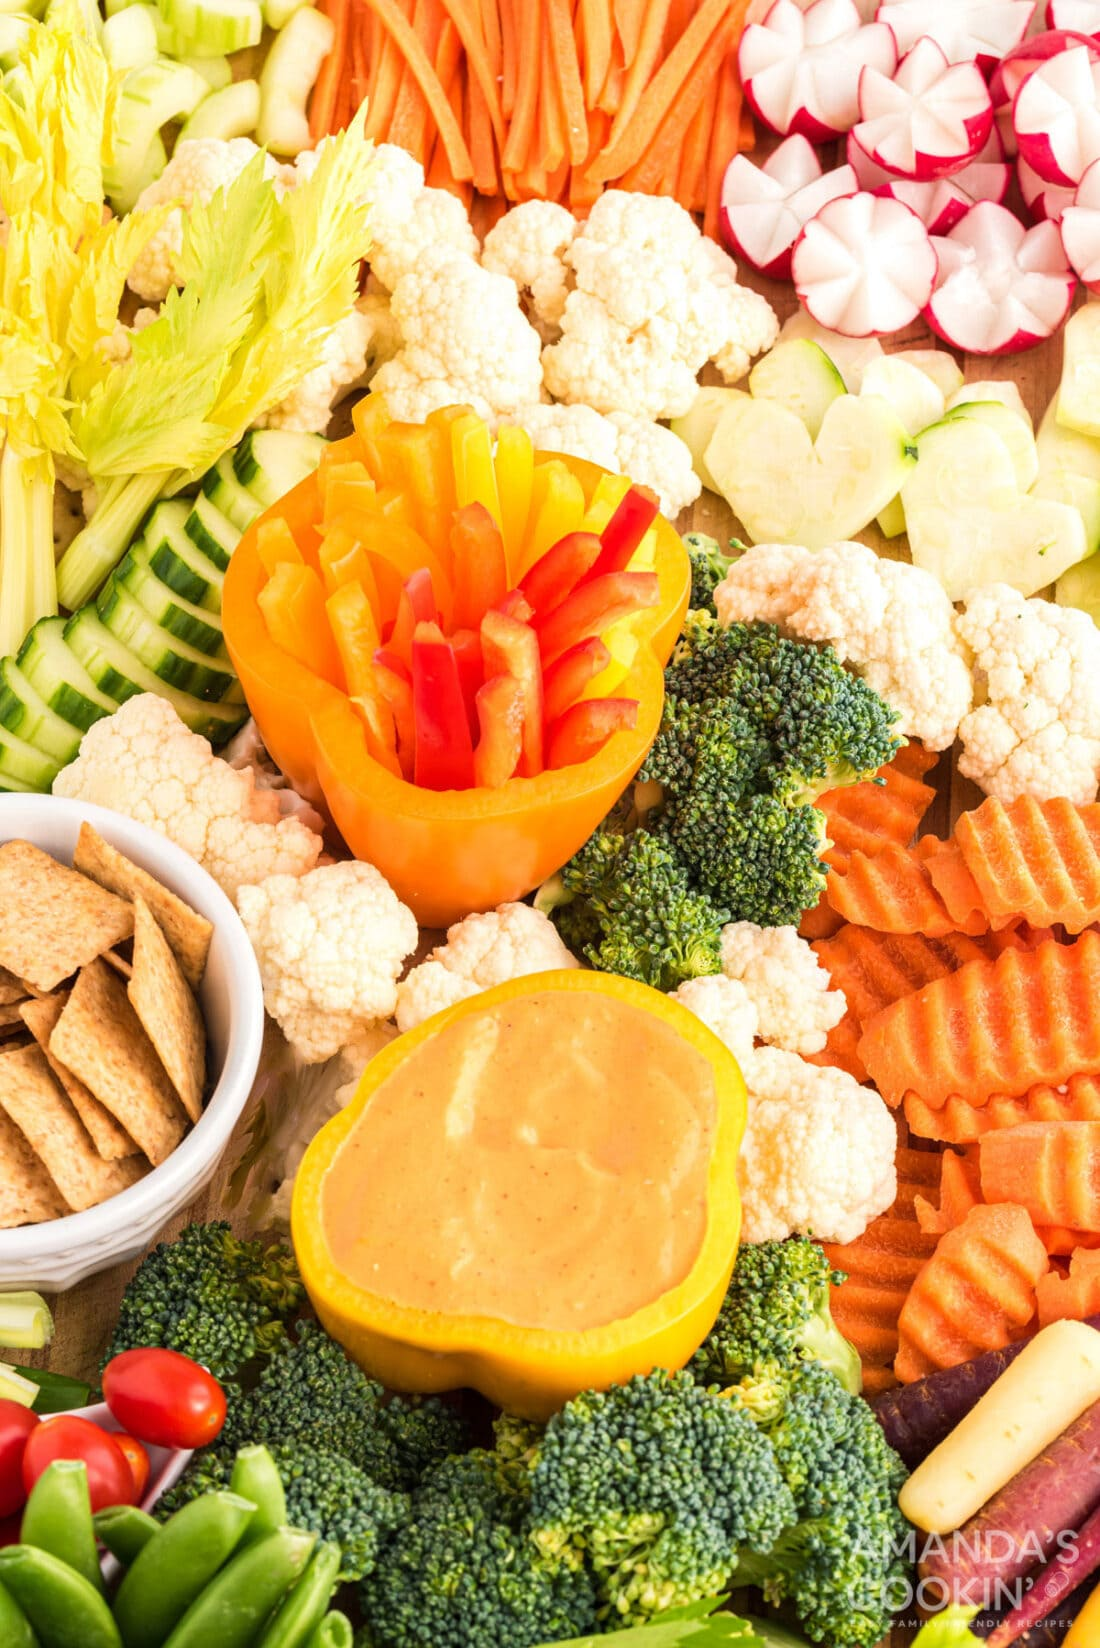 display of cut vegetables